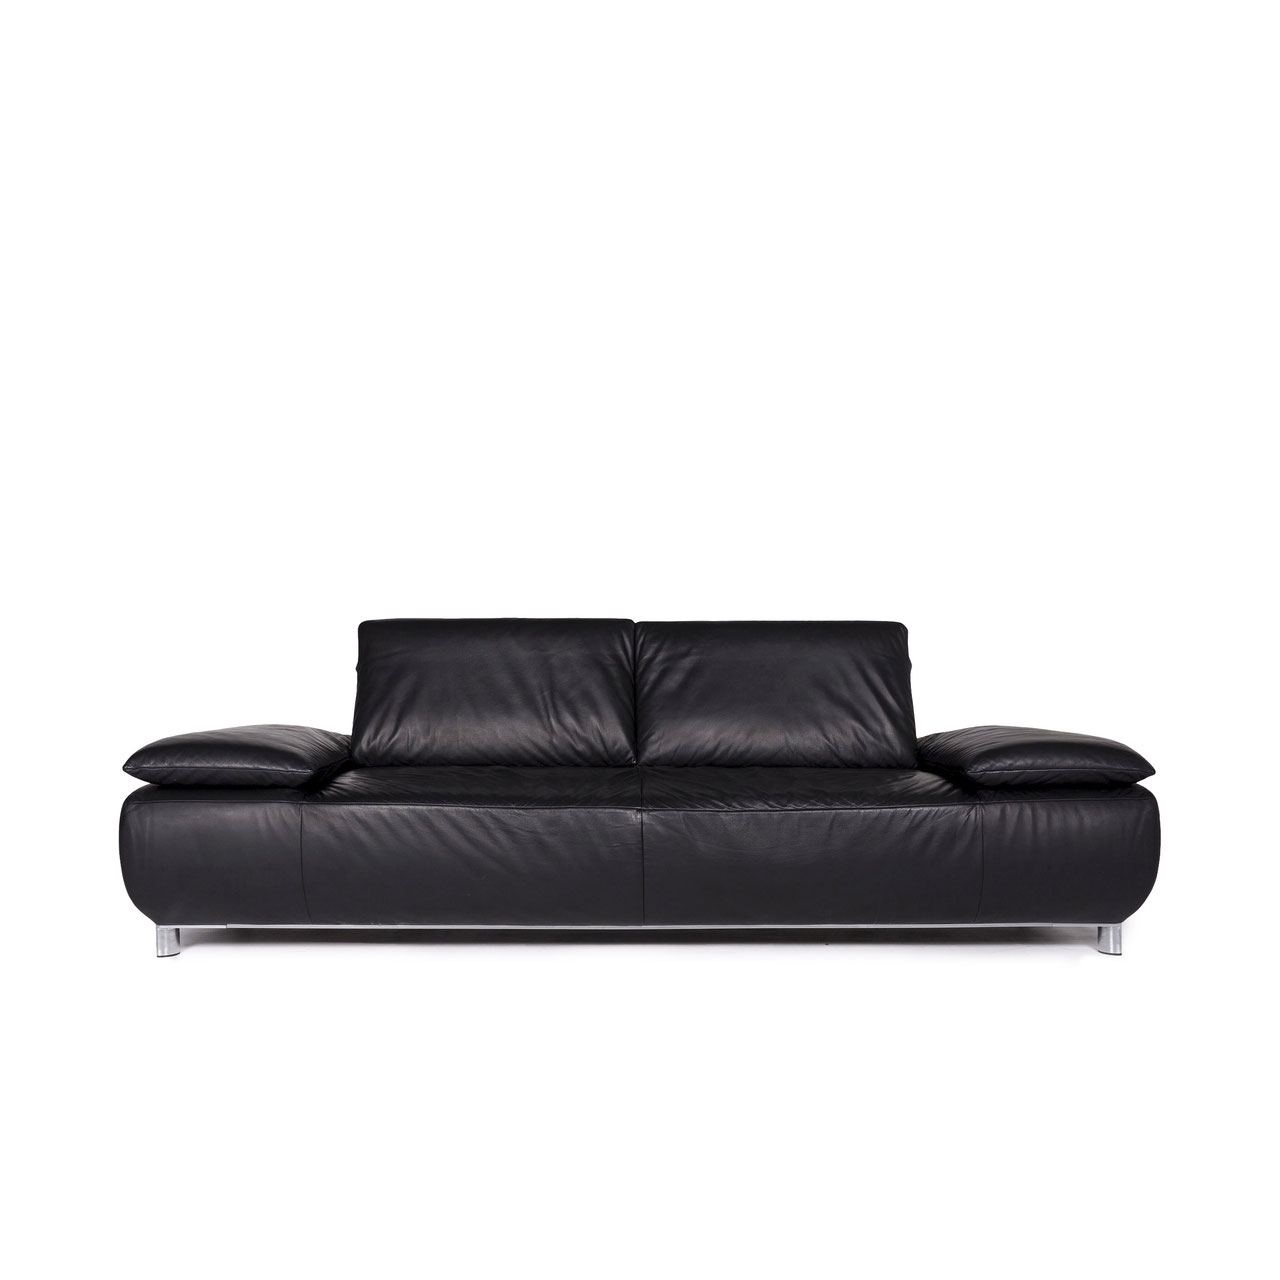 Full Size of Koinor Sofa Gebraucht Couch Francis Leder Kaufen Bewertung Erfahrungen Lederpflege Samt Big Günstig Chesterfield Cassina Recamiere L Form De Sede Elektrisch Sofa Koinor Sofa